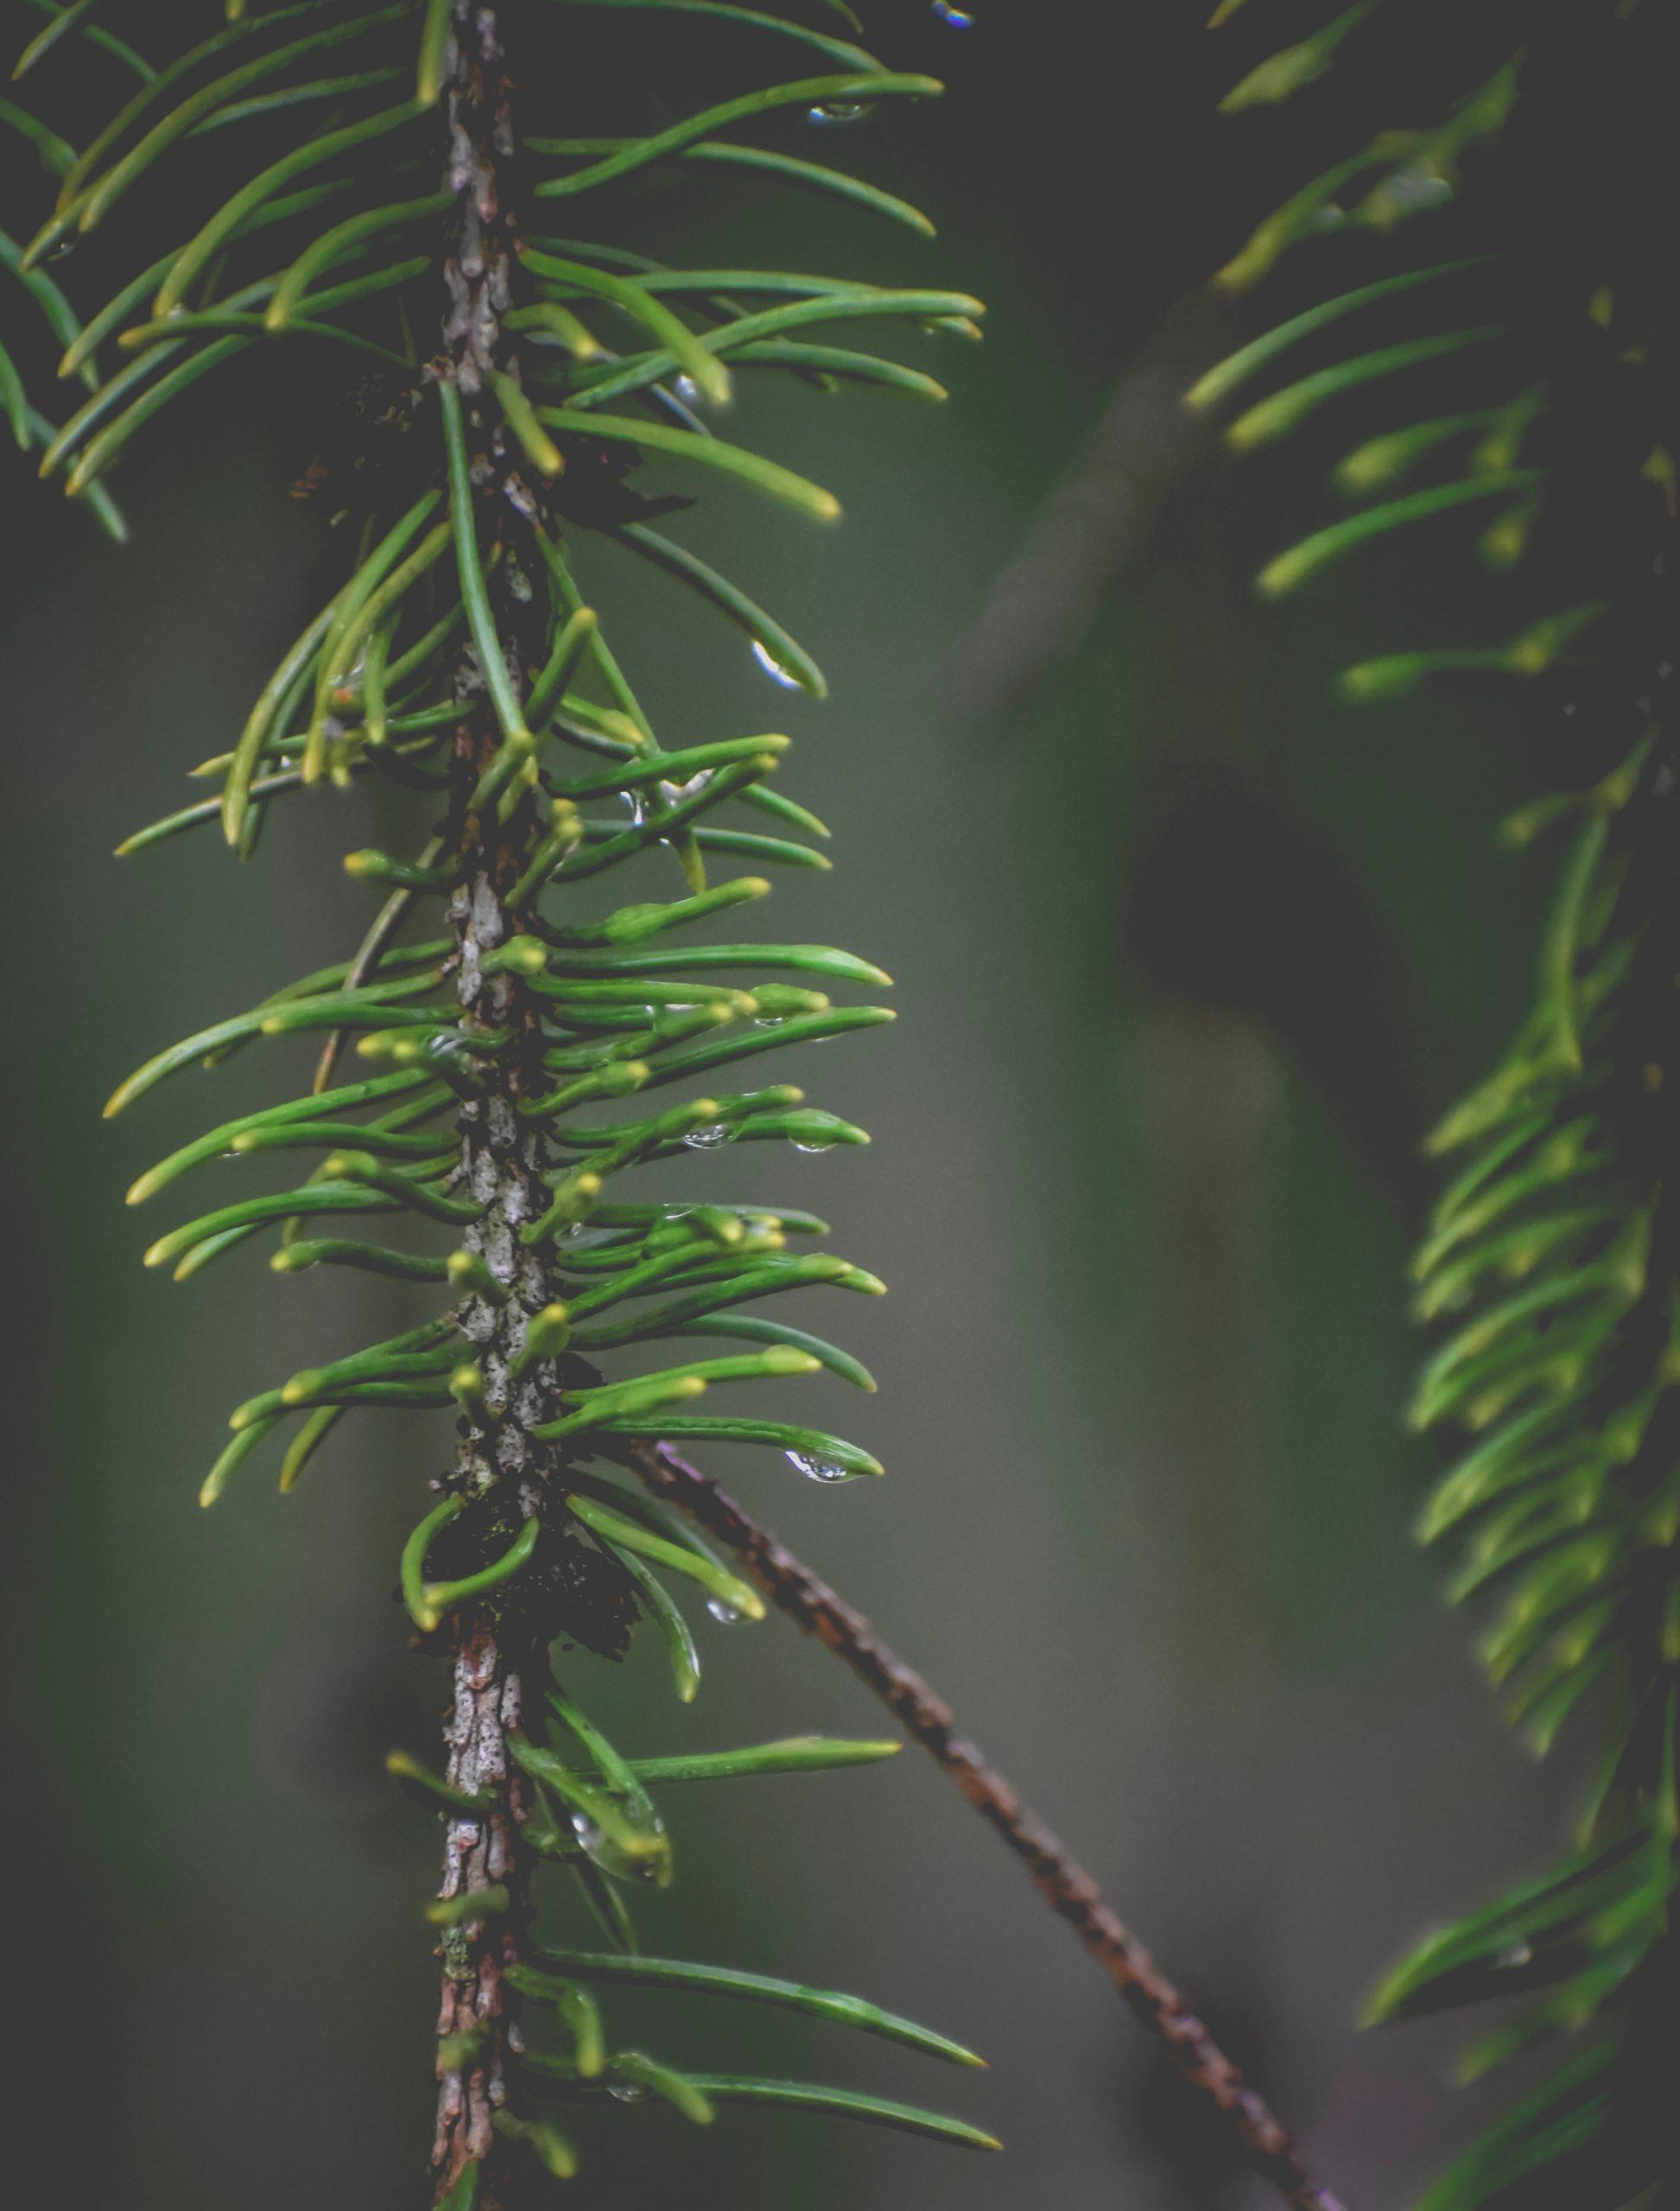 L'huile essentielle de pin est un peu moyen de faire entrer la nature chez vous.